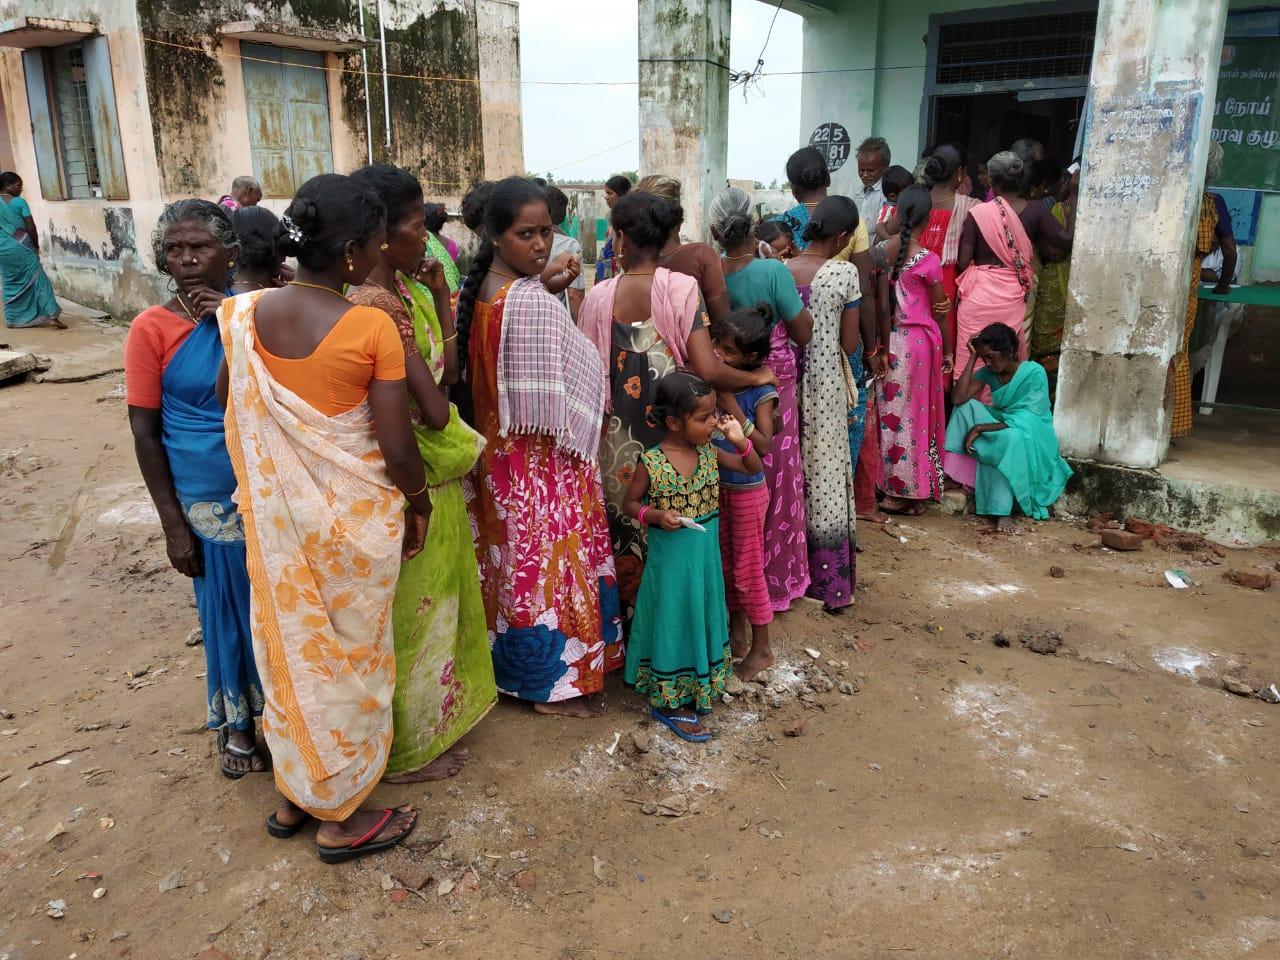 கஜா பாதித்த பகுதிகளில் மருத்துவ முகாம்